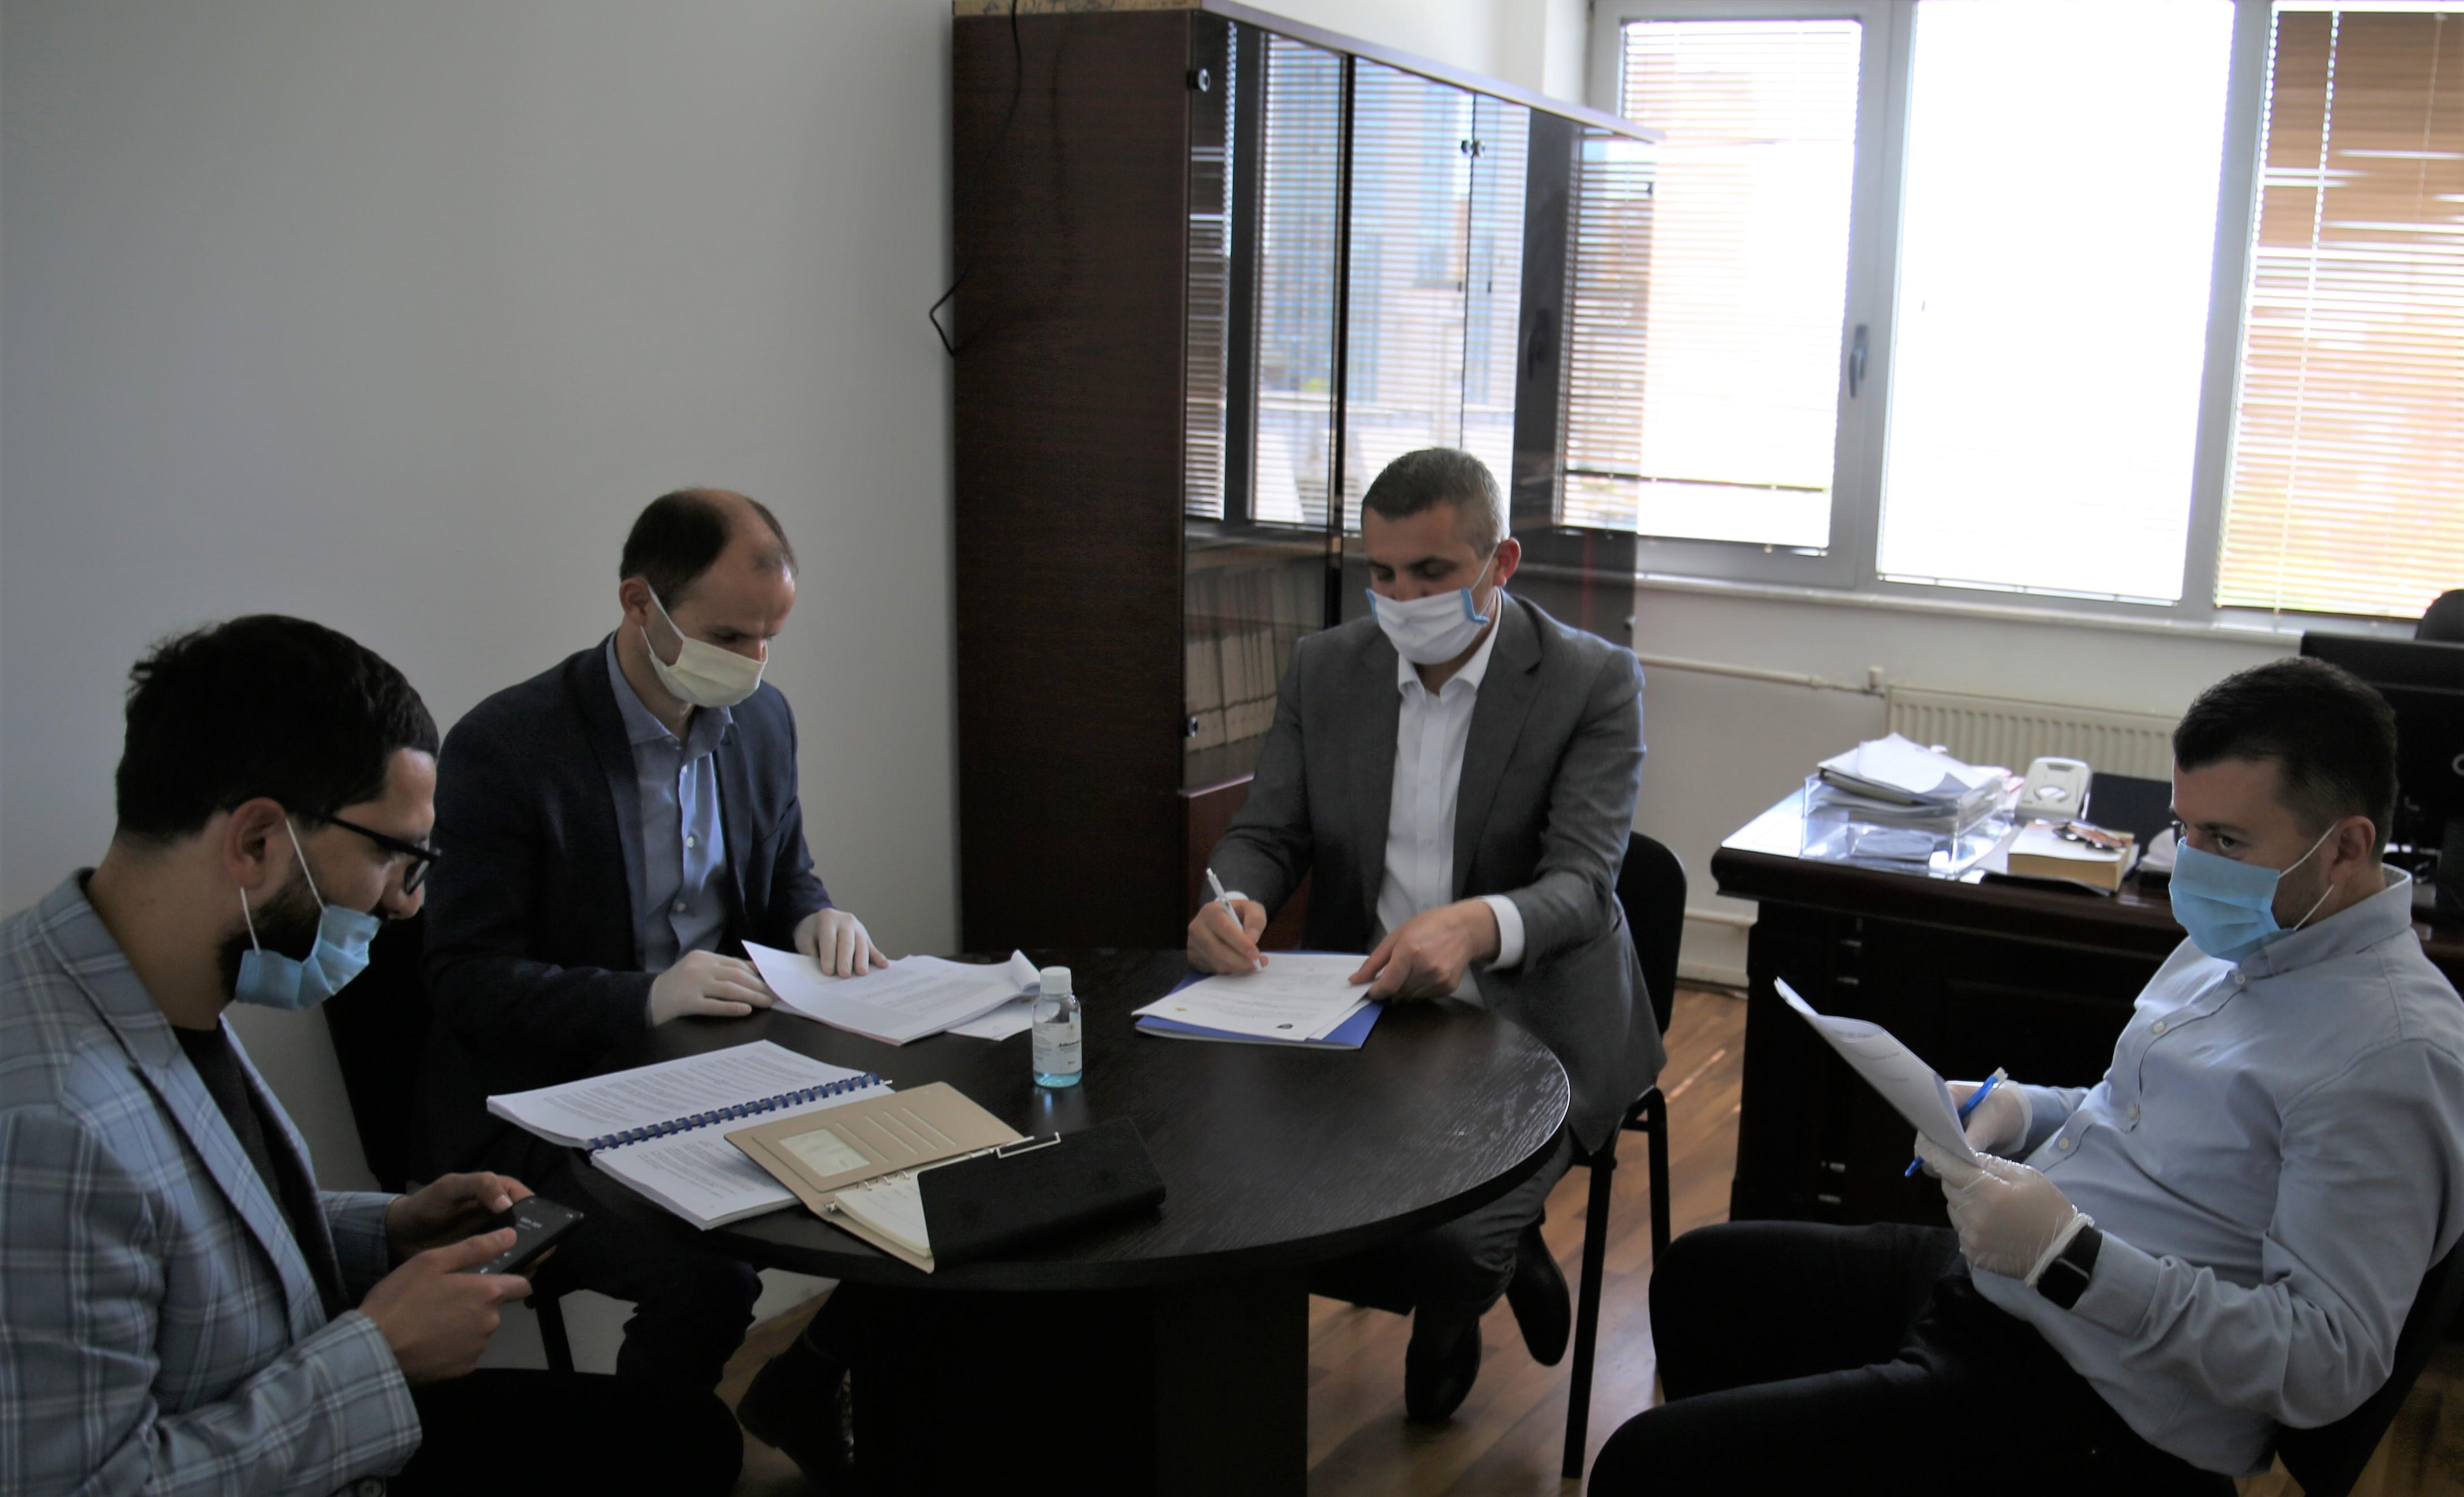 Diskutohet Draftrregullorja për organizimin dhe veprimtarinë e Këshillit Prokurorial të Kosovës